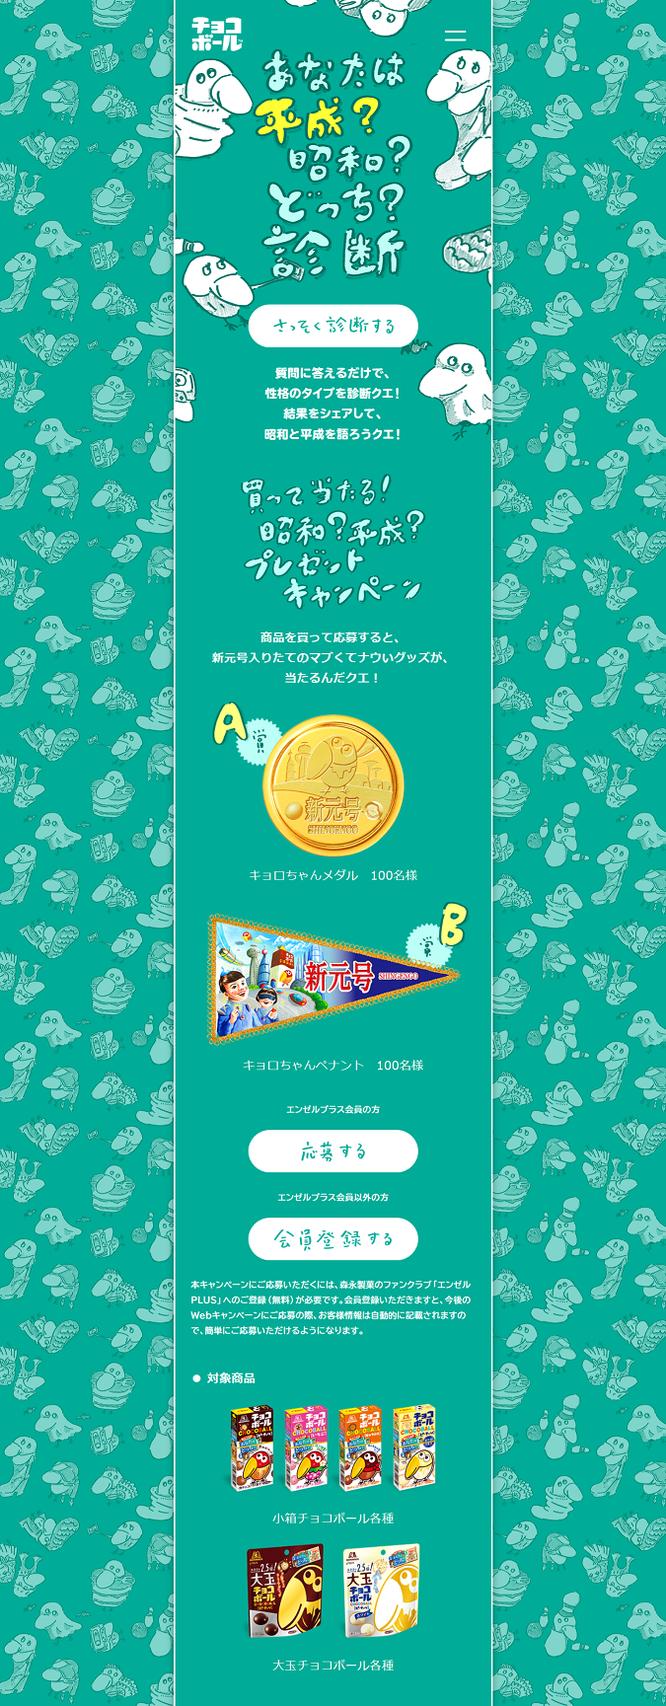 【森永製菓】チョコボール あなたは平成?昭和?どっち?キャンペーン